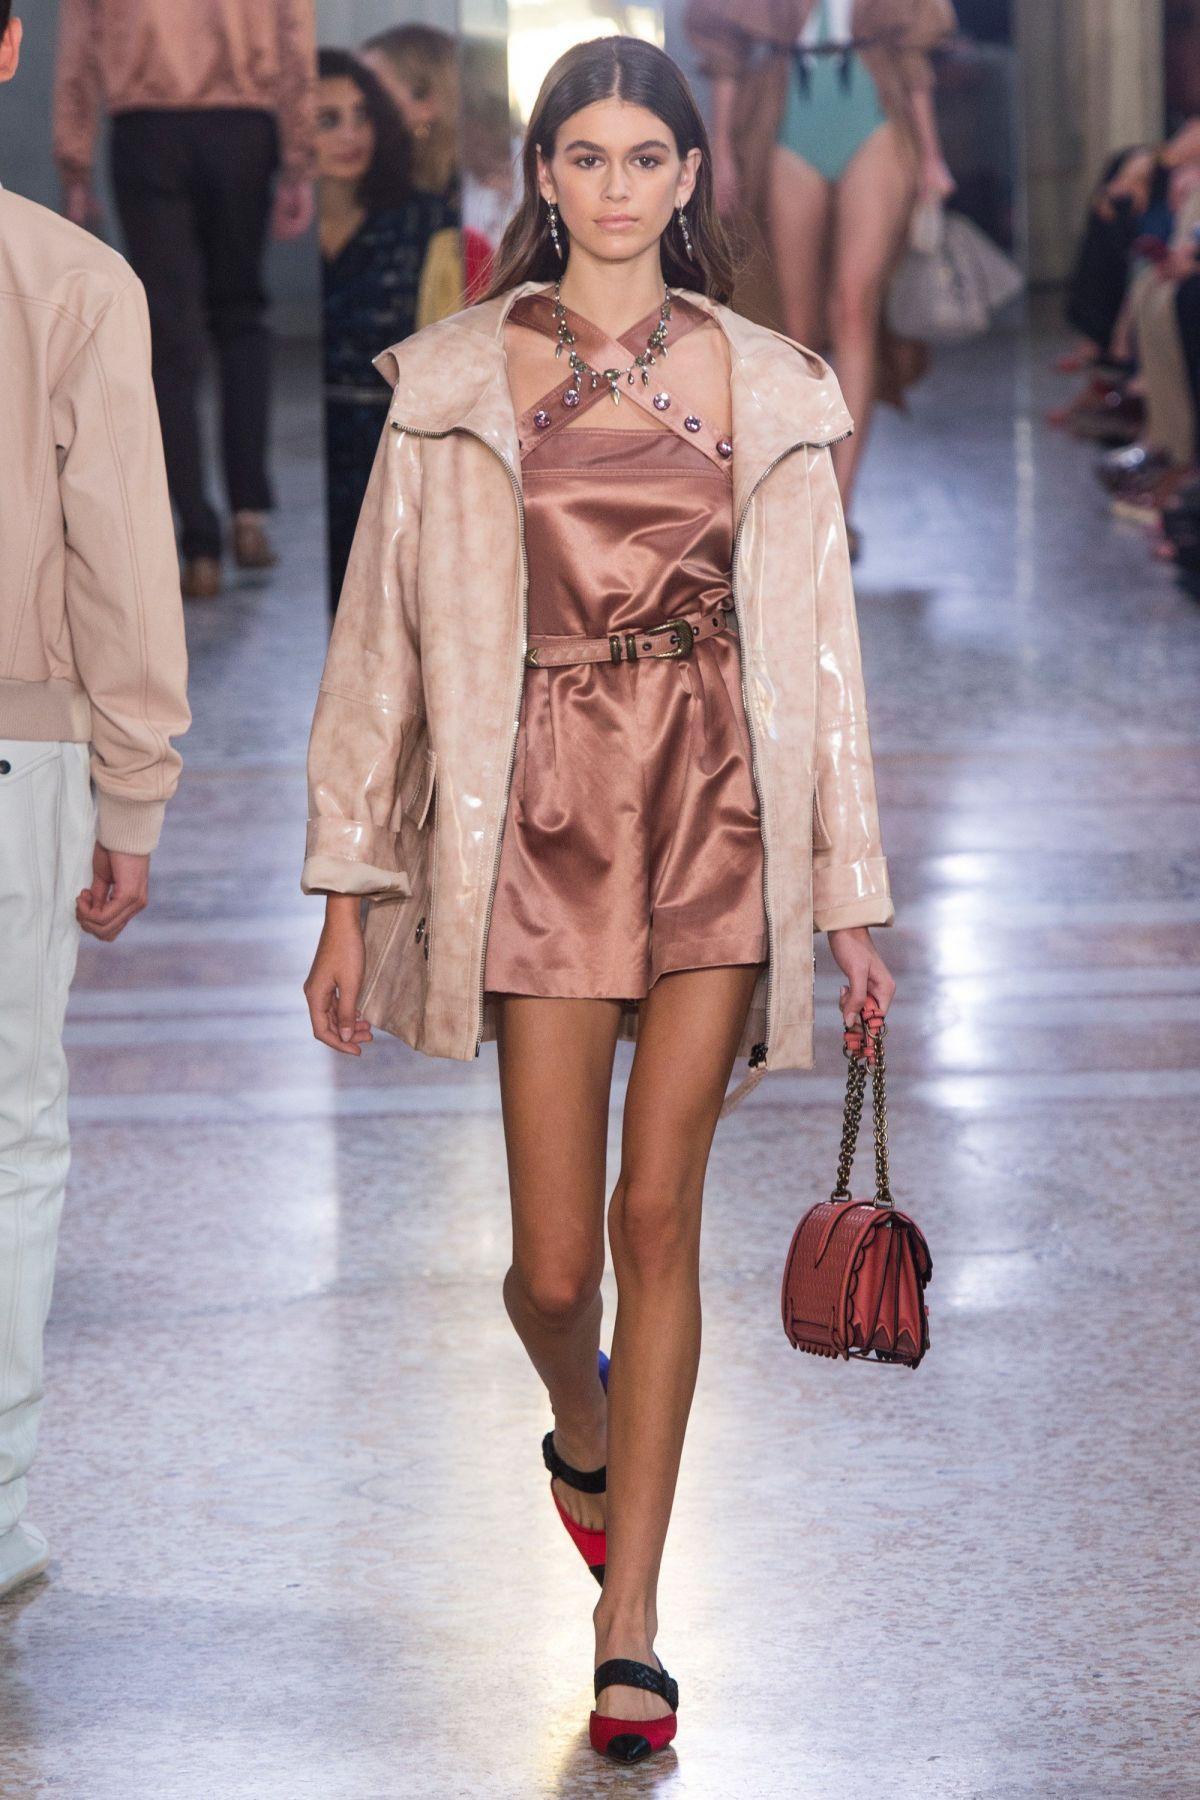 Tông màu trung tính của những thiết kế Xuân Hè 2018 từ Bottega Veneta càng tôn lên vẻ đẹp rạng ngời của nàng mẫu trẻ.